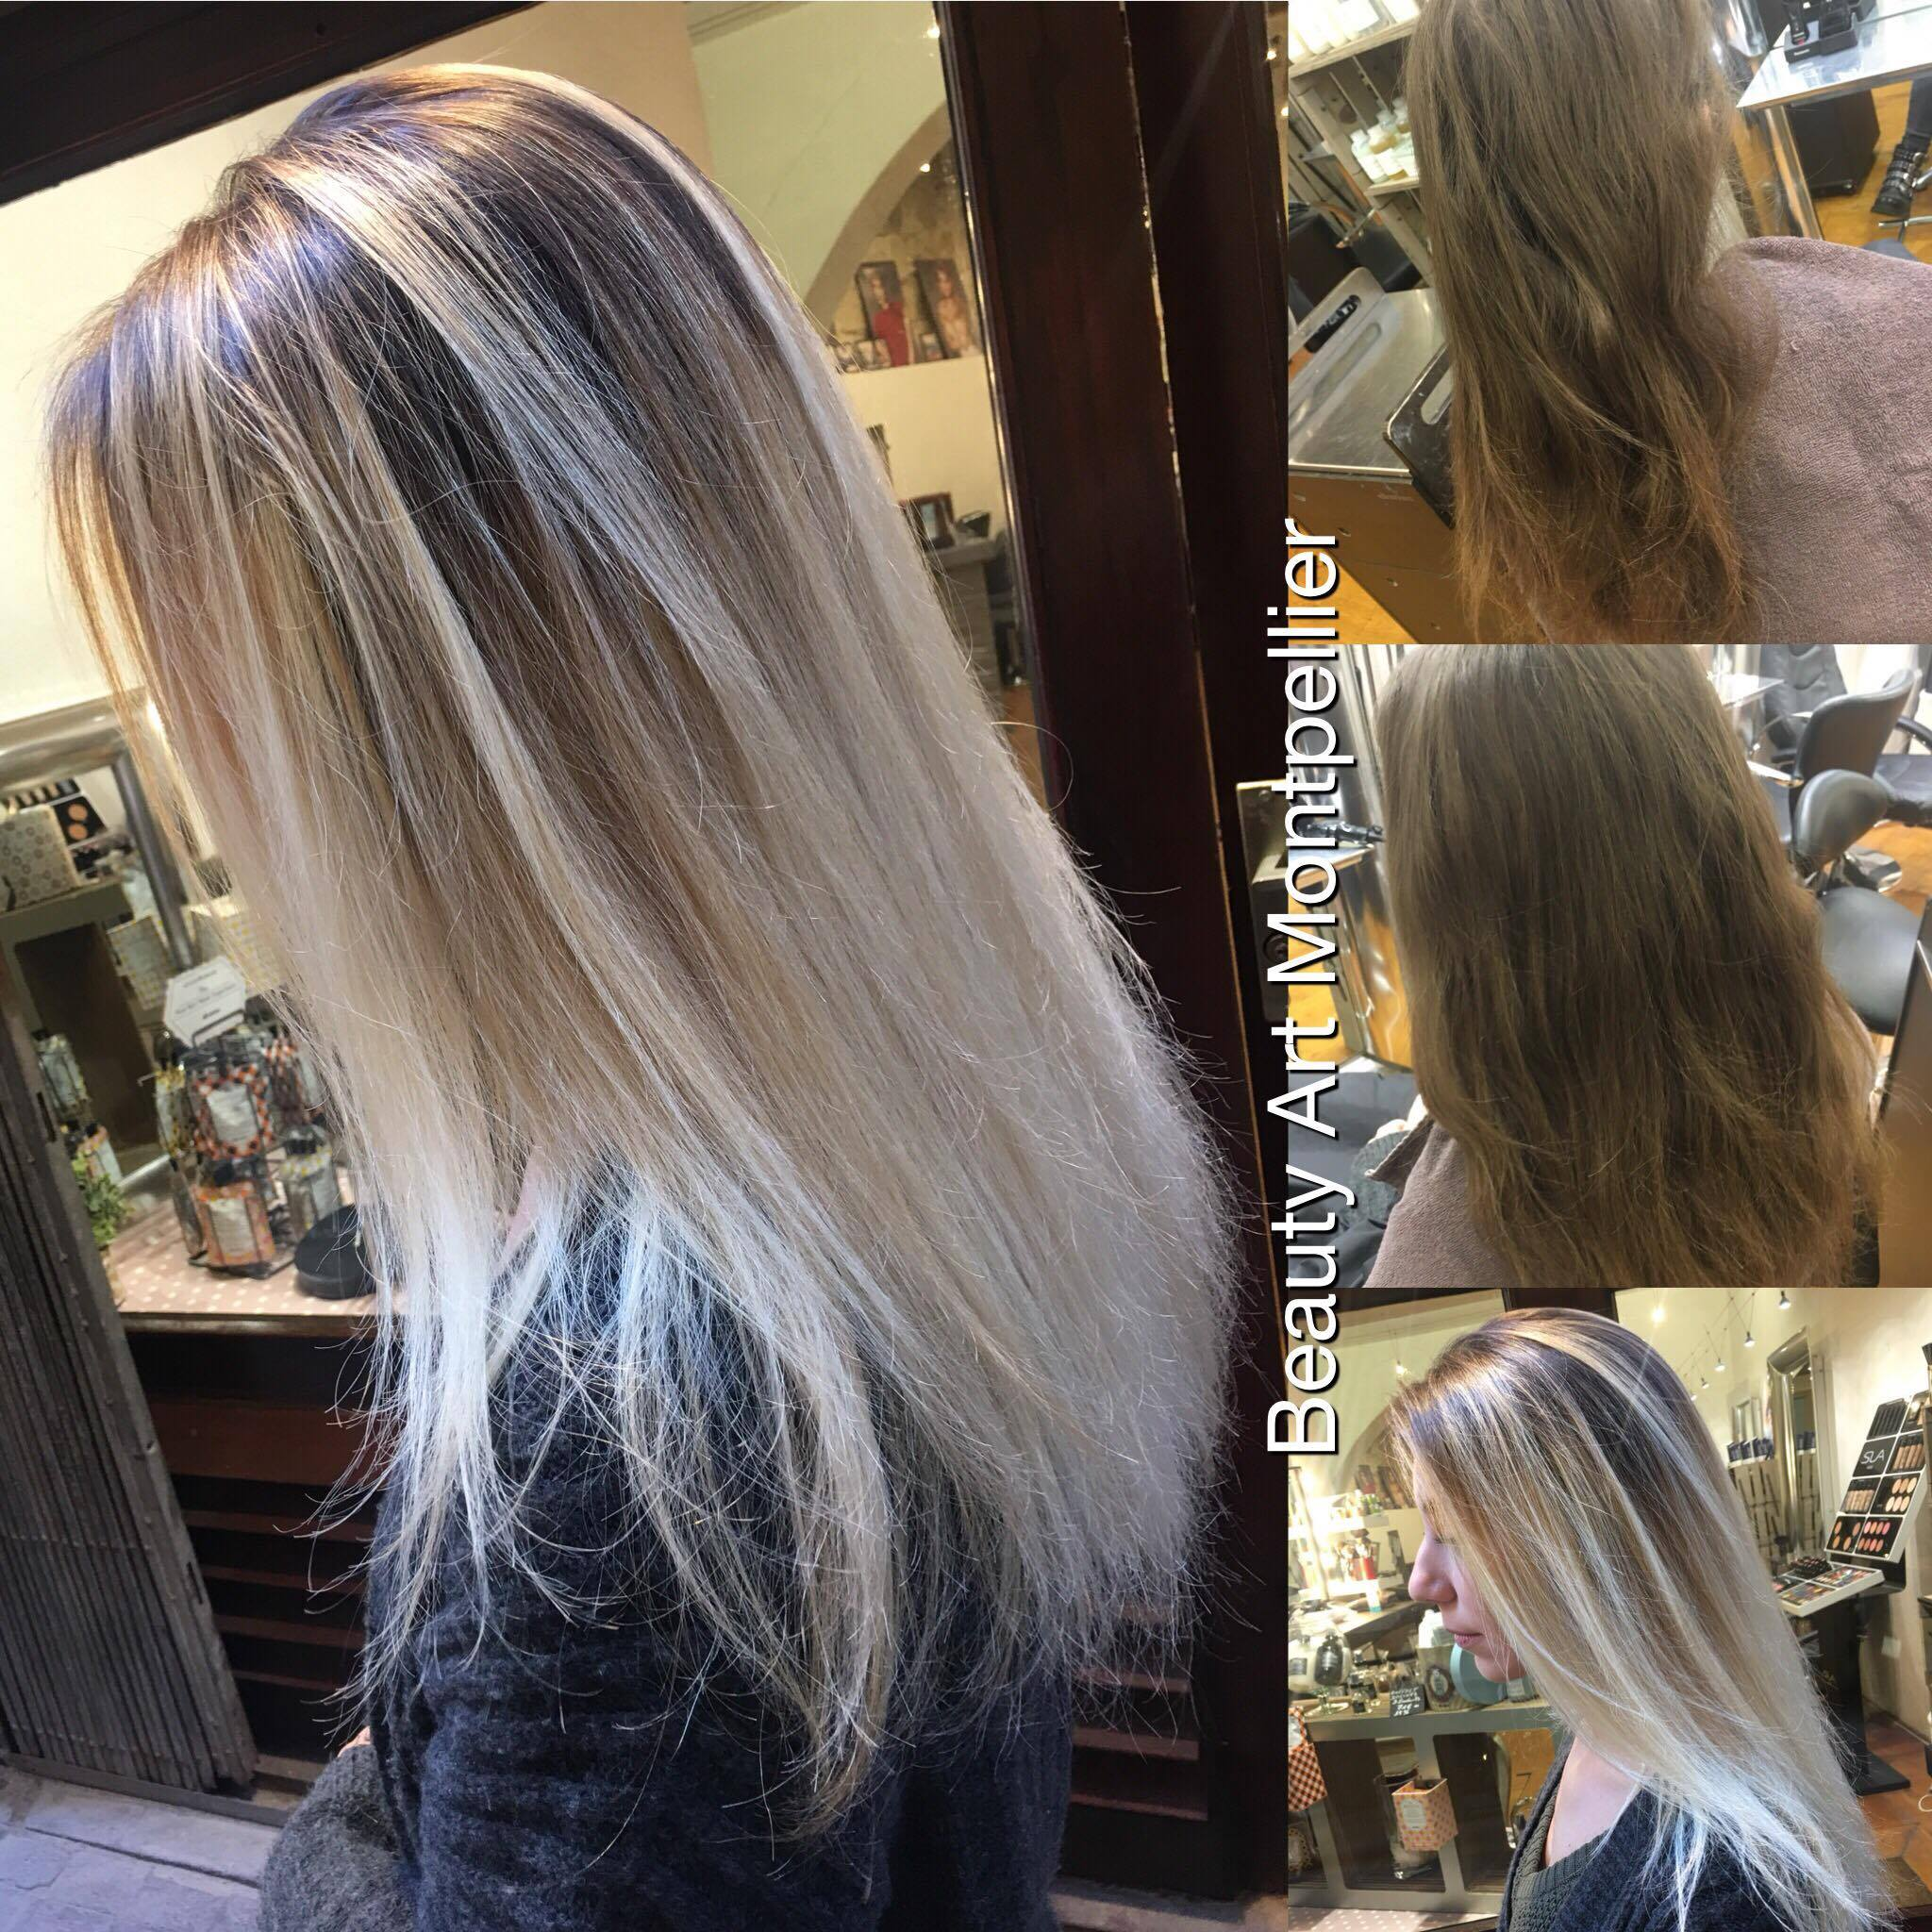 Salon de coiffure montpellier 7 beauty art for Salon ce montpellier